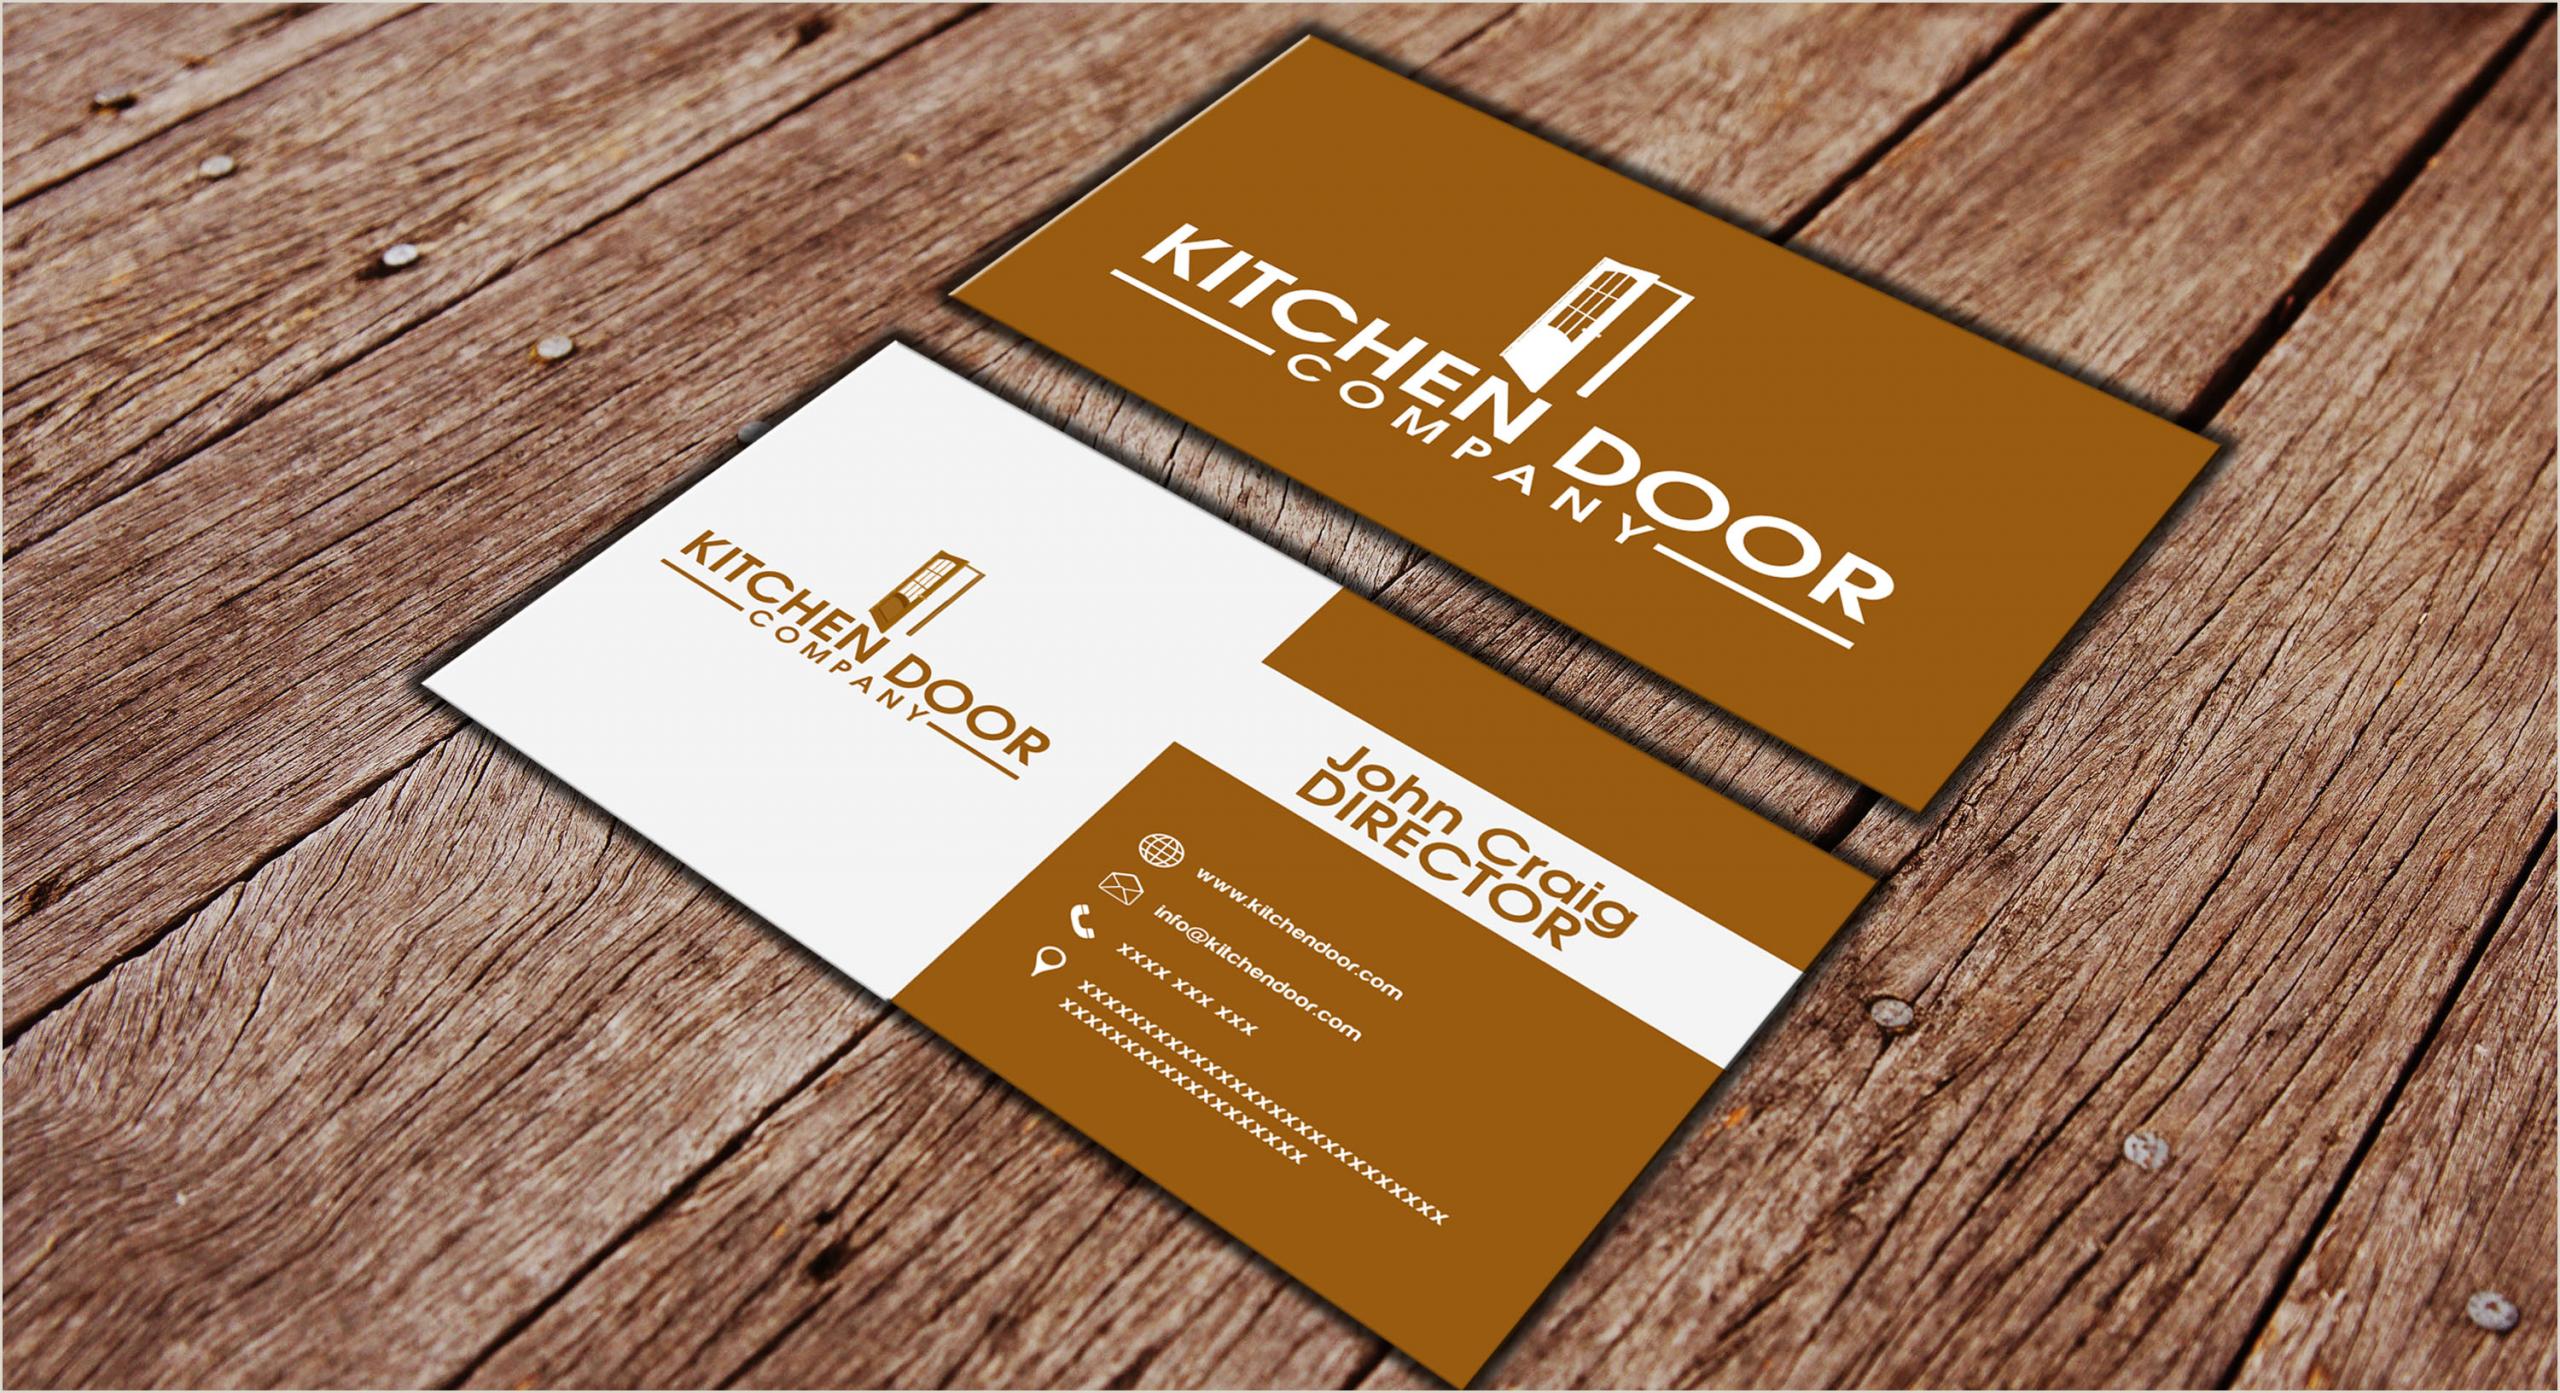 Visitcard Design Doors Pany Name & Garage Door Repair Pany